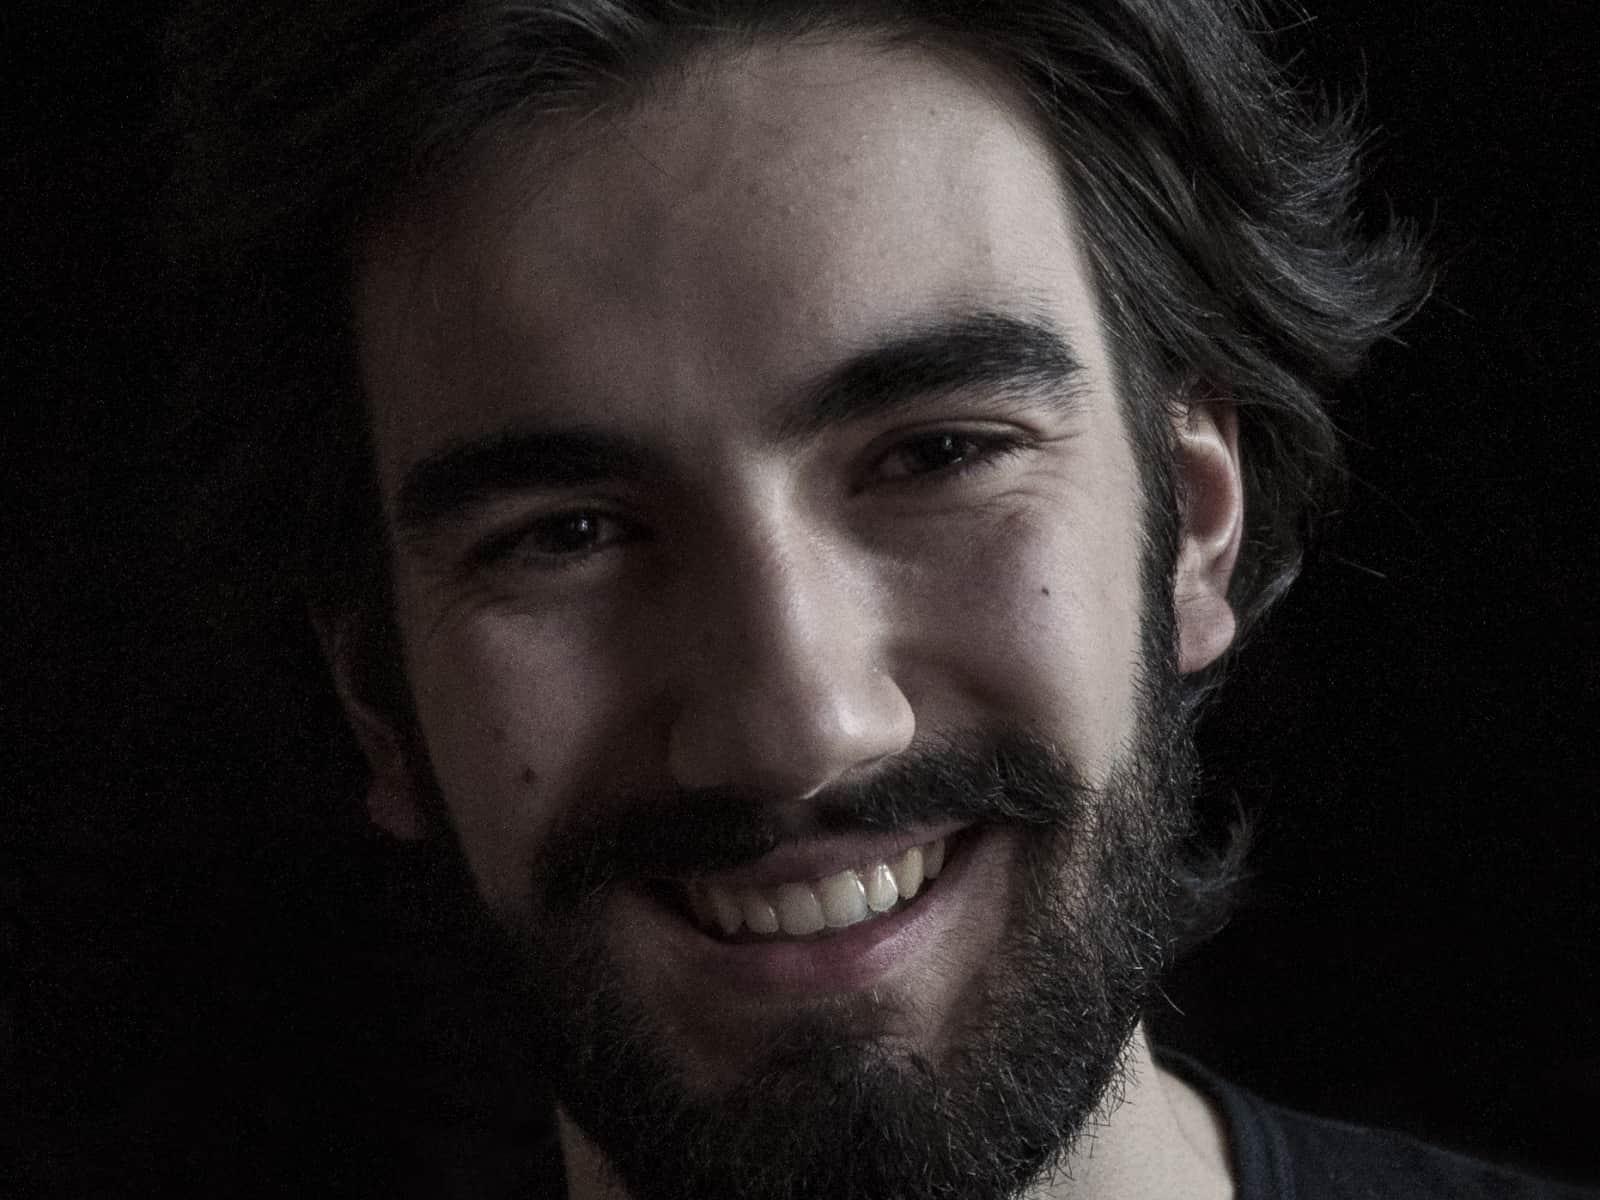 Alessandro from Milano, Italy